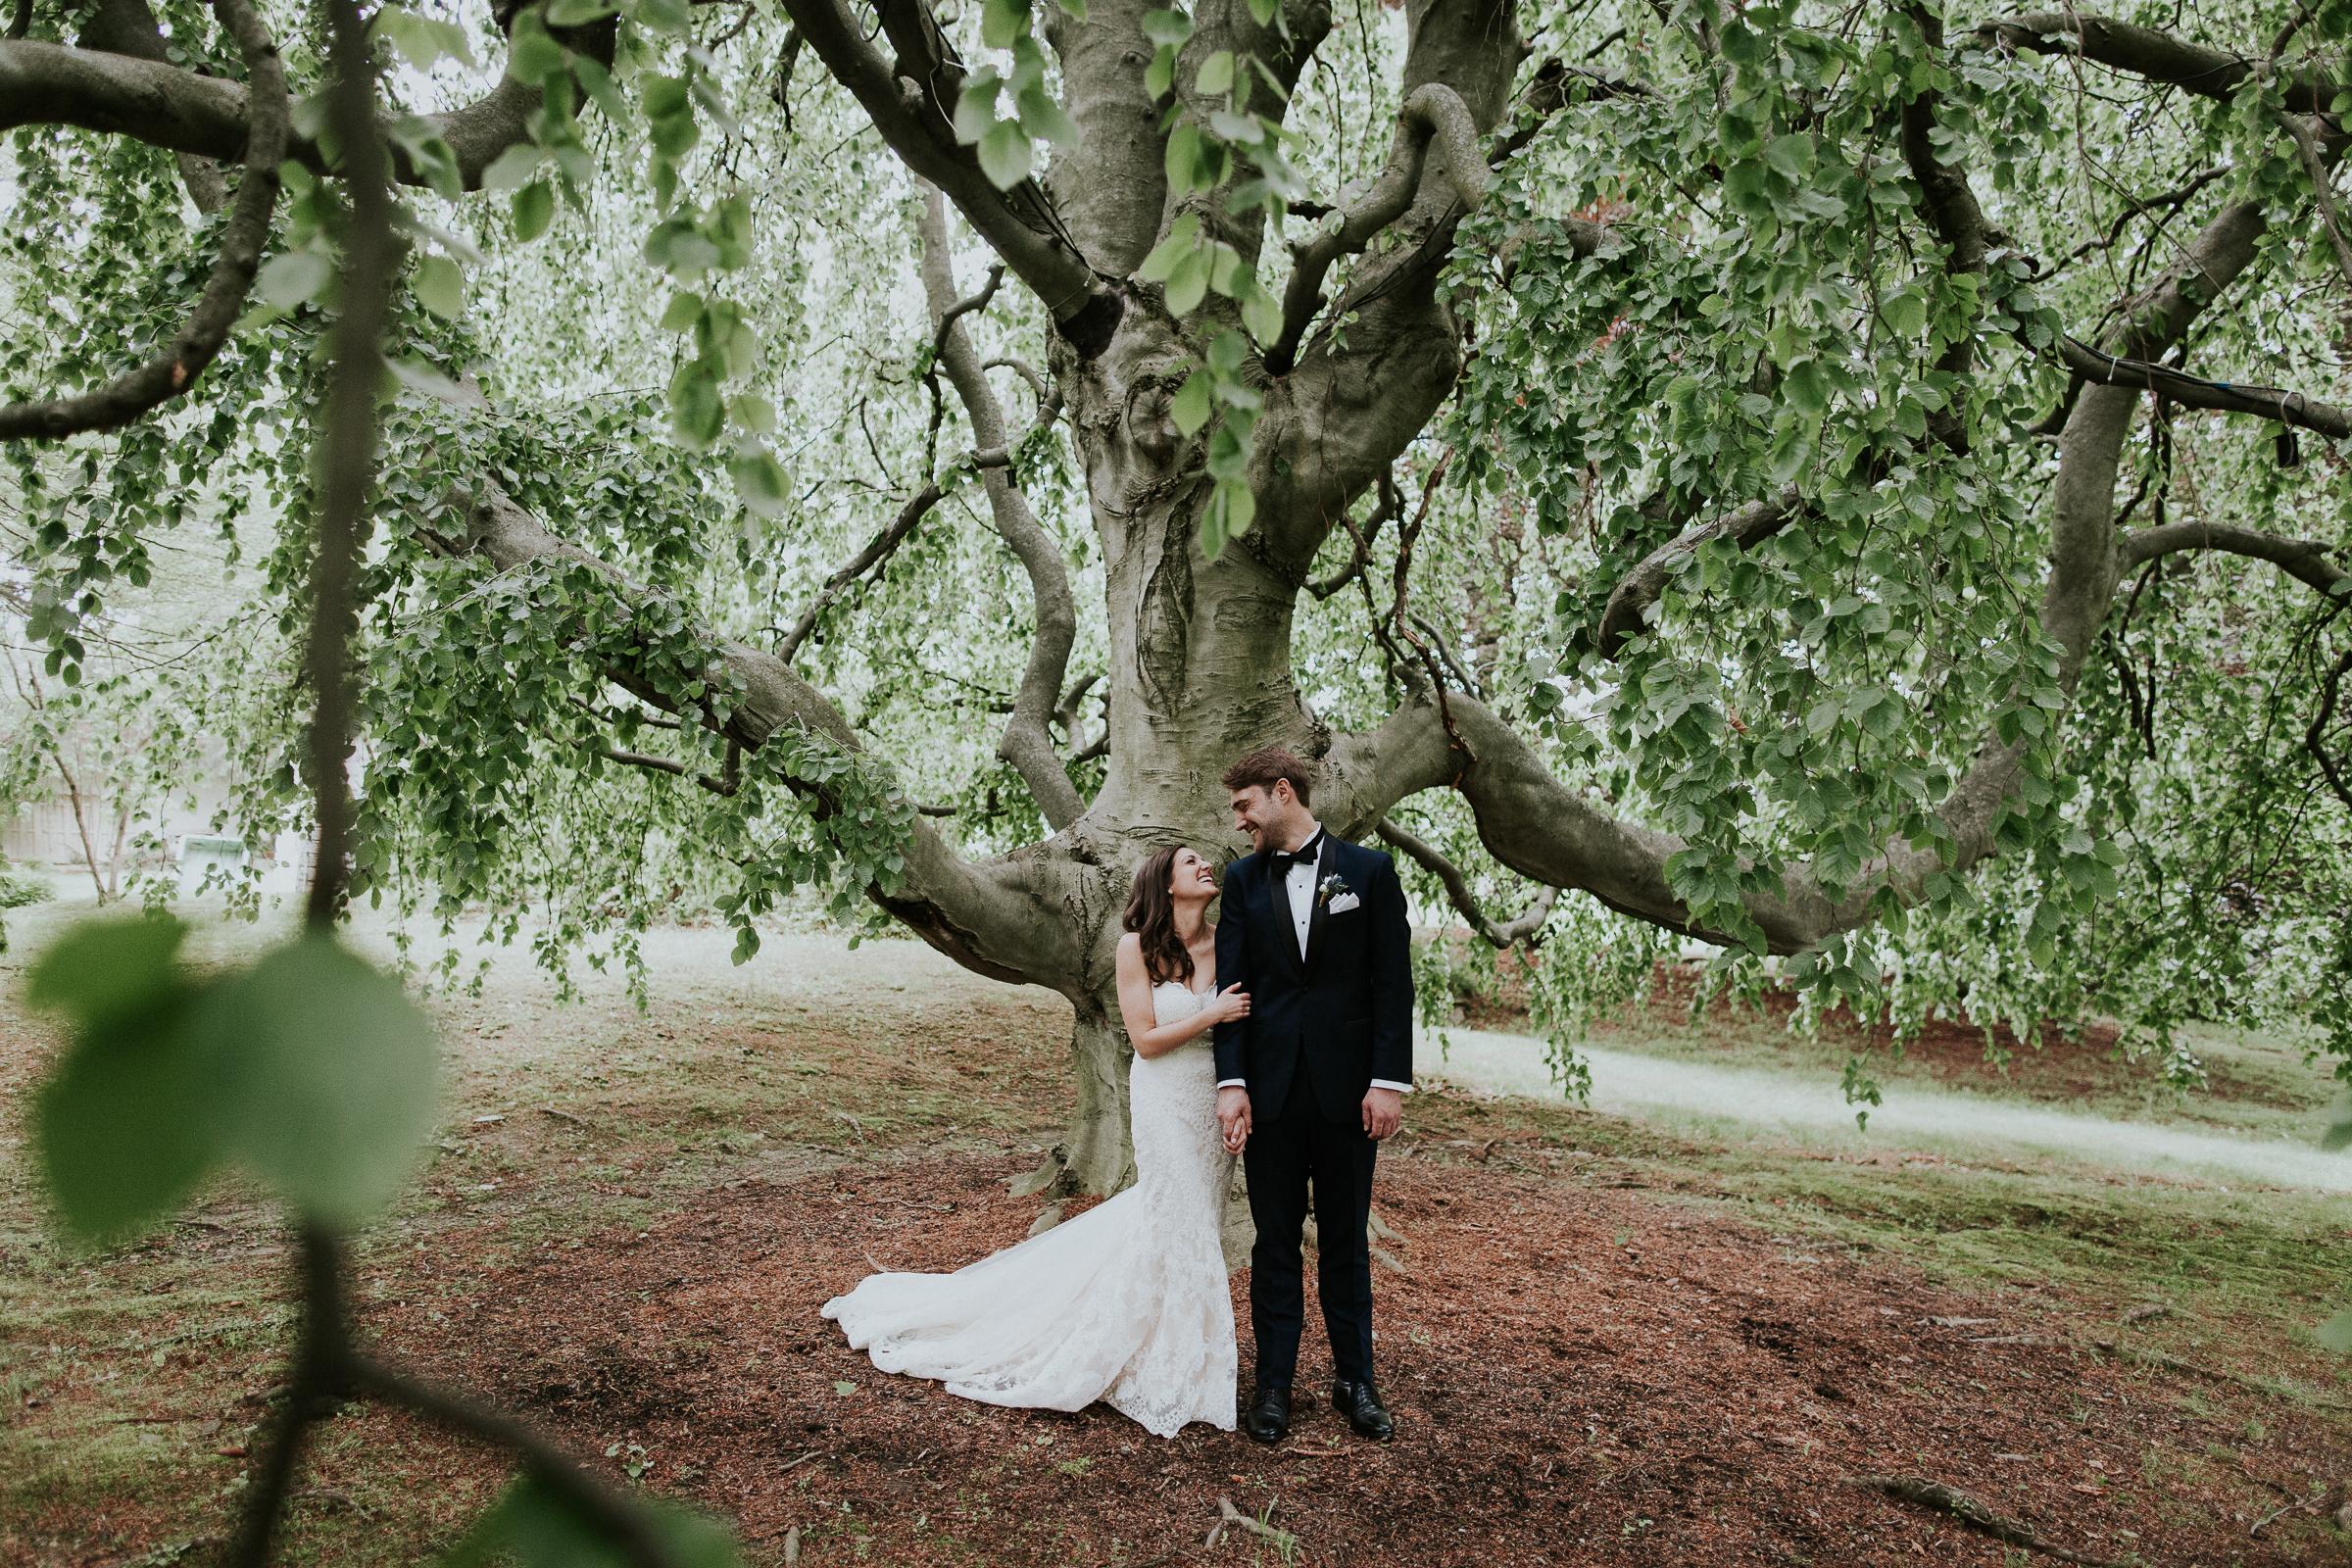 Crossed-Keys-Estate-Andover-NJ-Fine-Art-Documentary-Wedding-Photographer-62.jpg